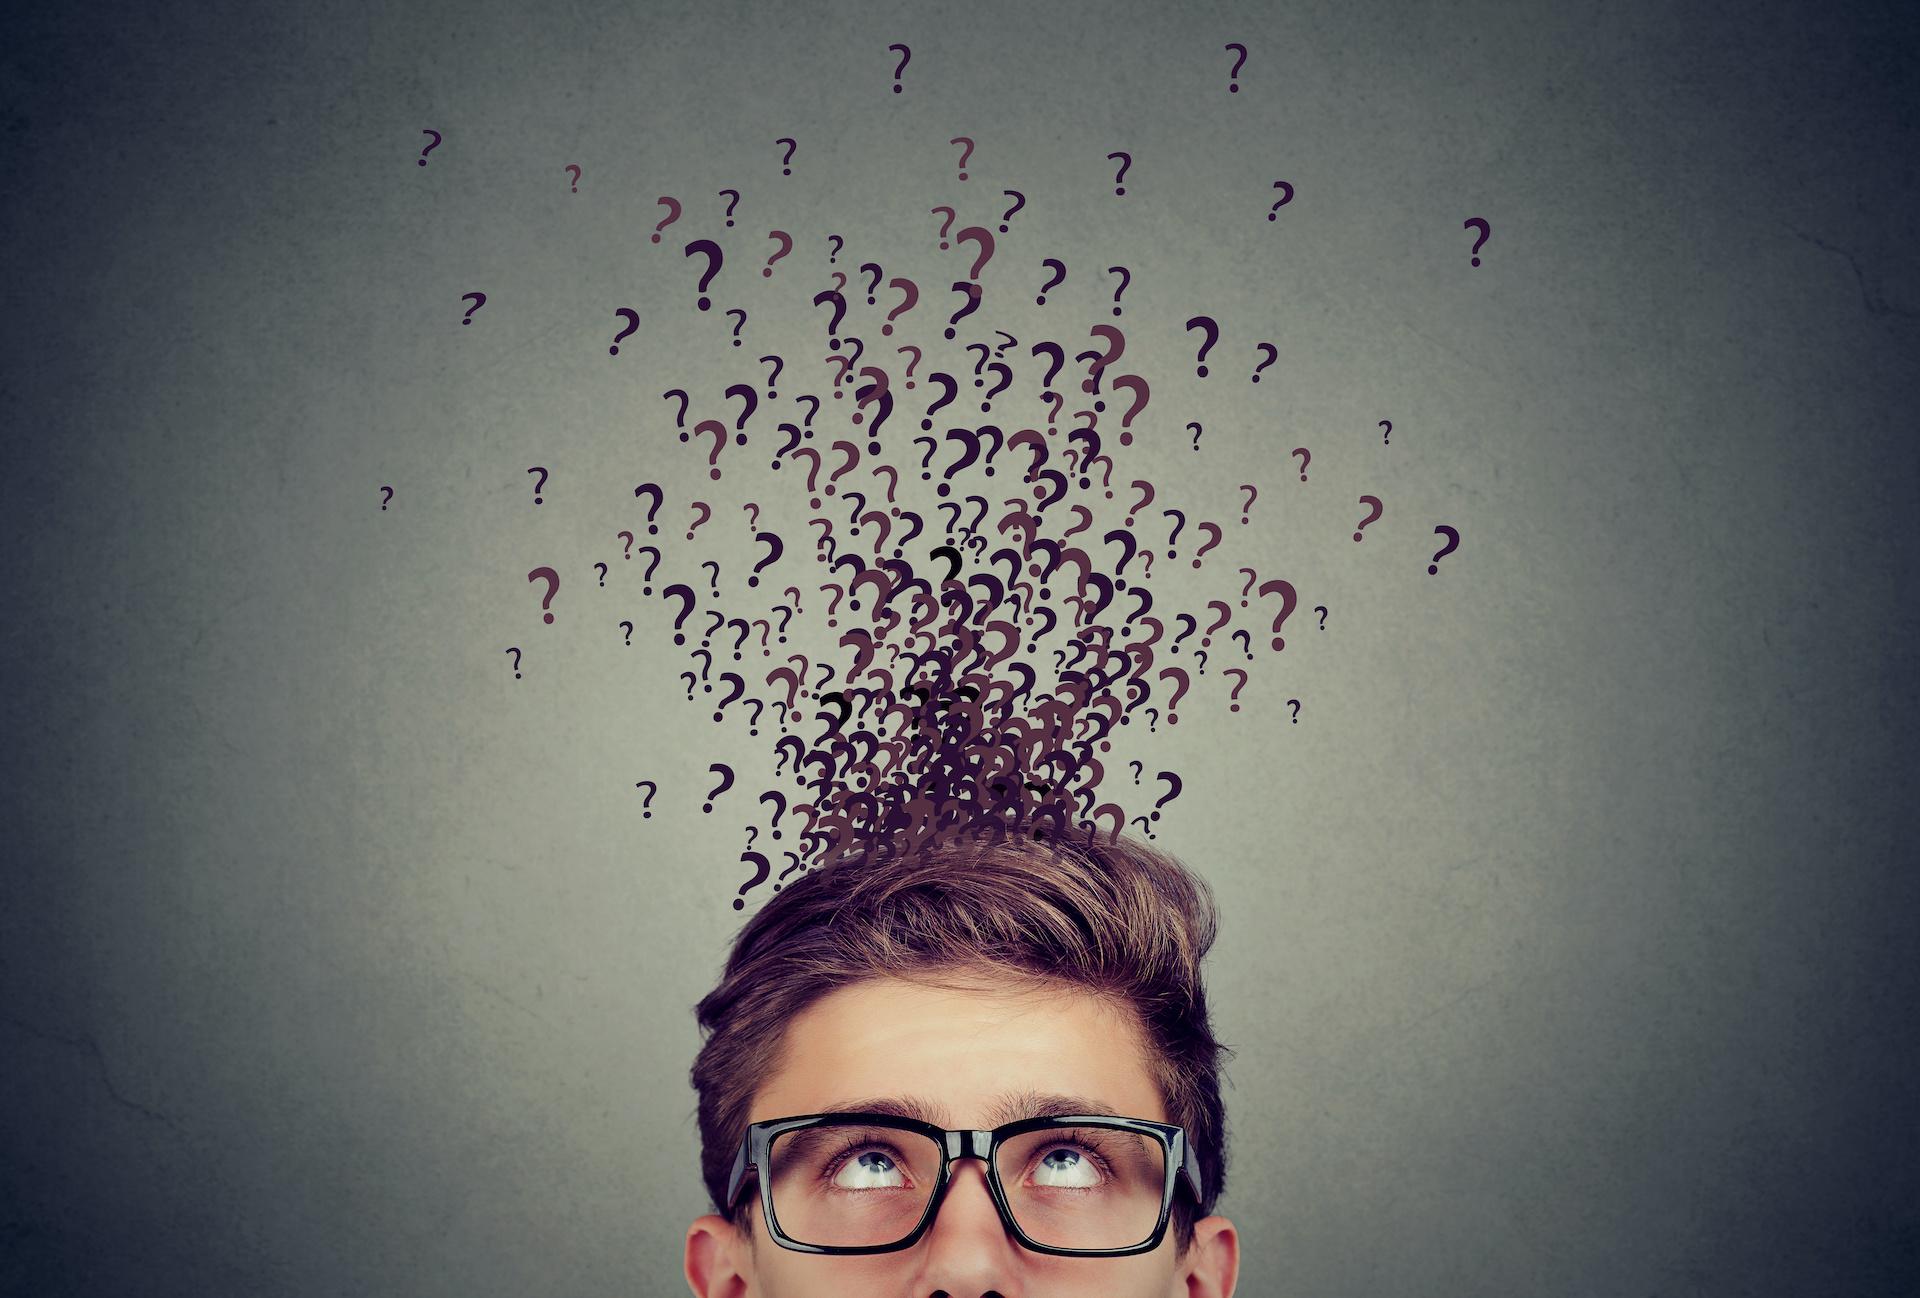 Oczy mężczyzny skierowane na wychodzącą z jego głowy chmurę ze znakami zapytania.